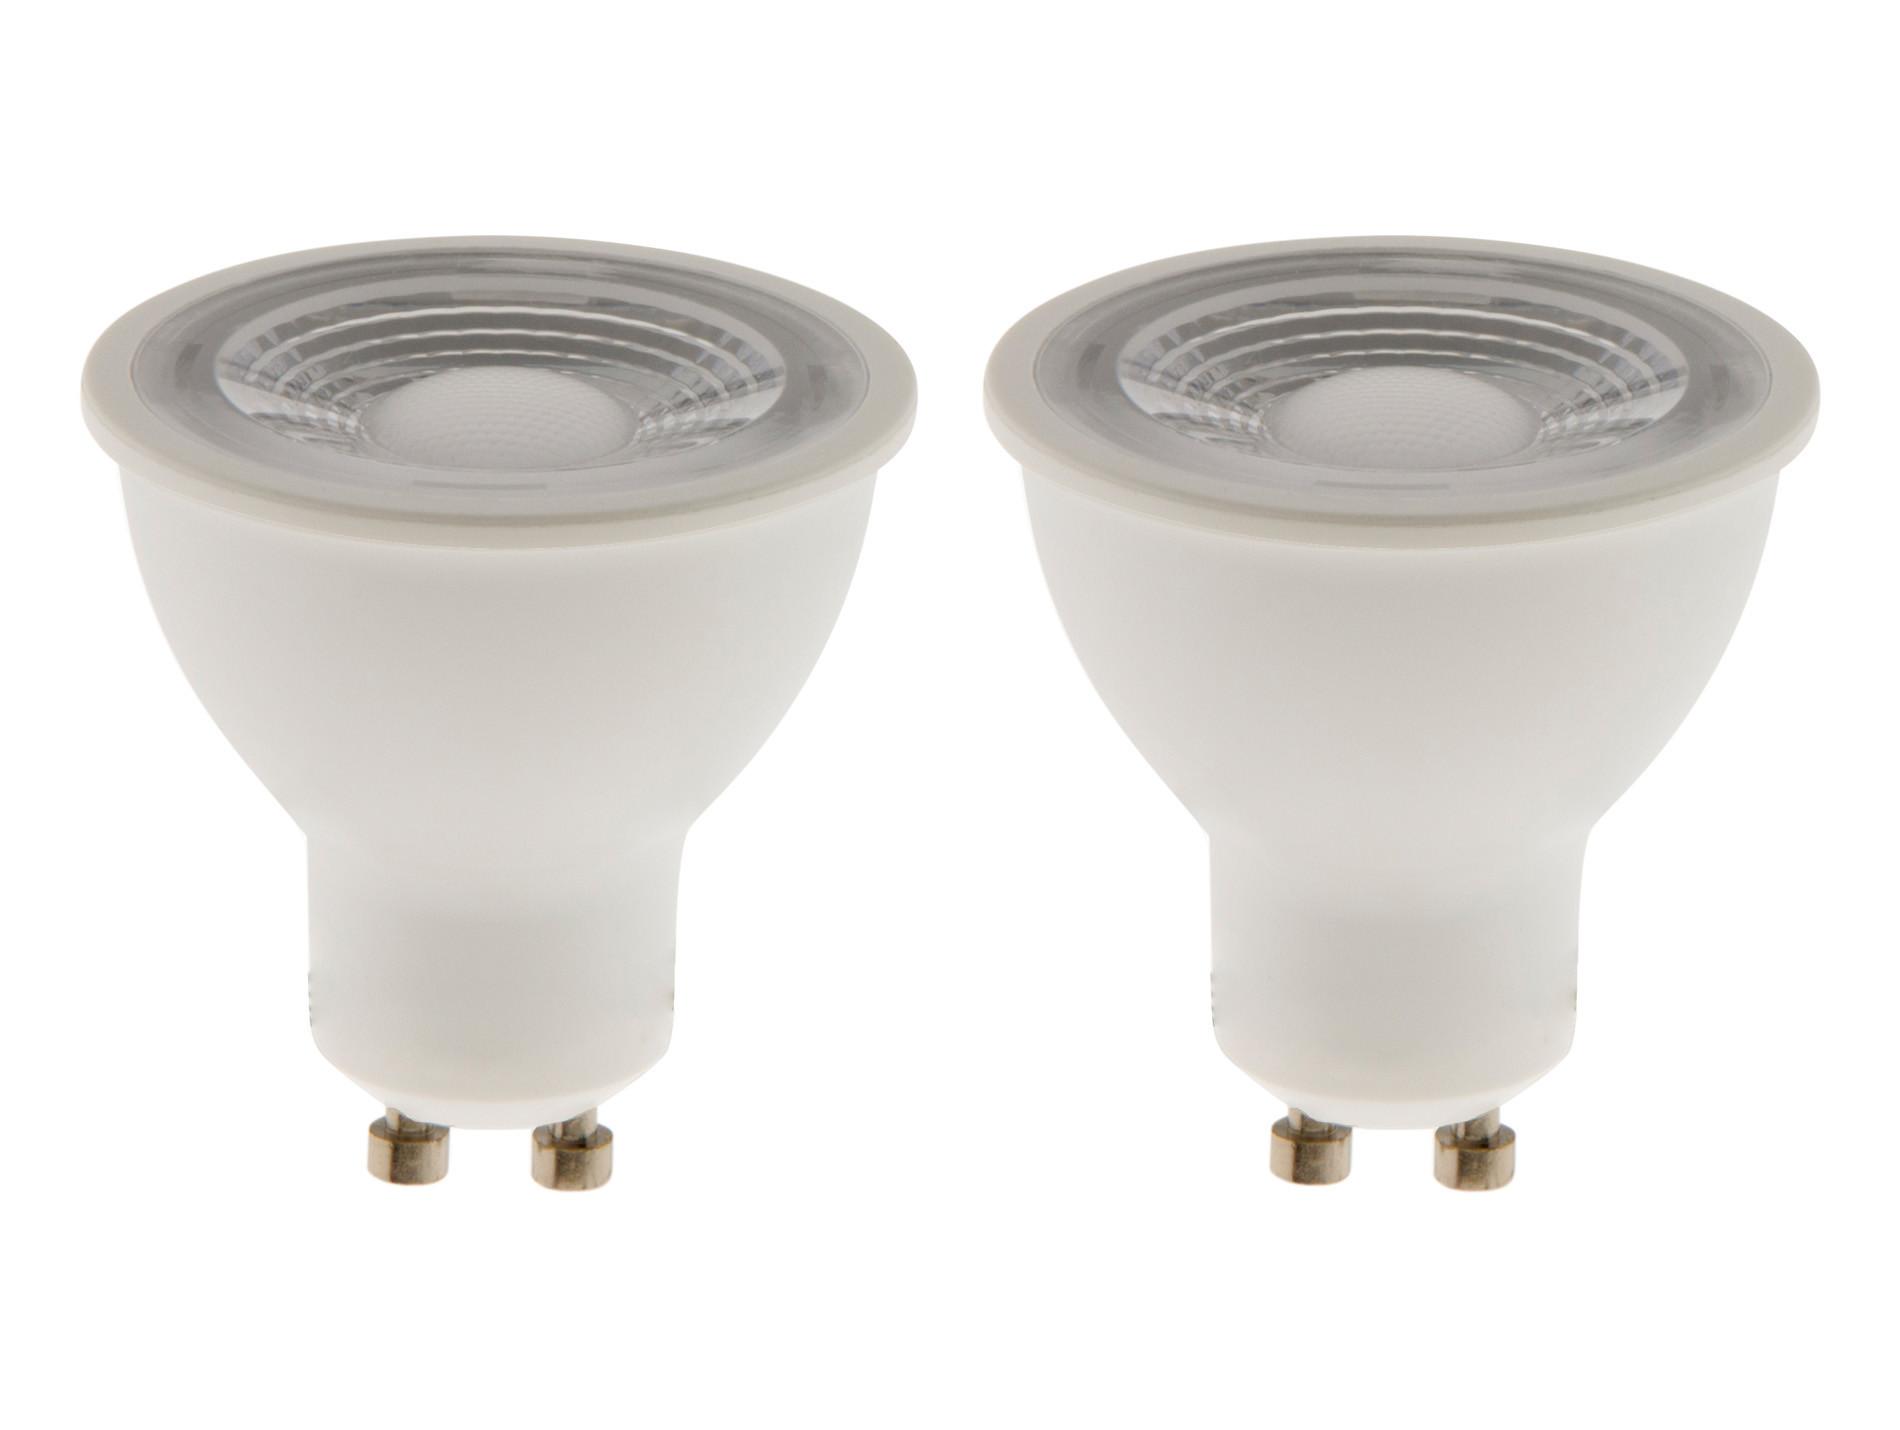 Ampoule à réflecteur LED 6W GU10 x 2